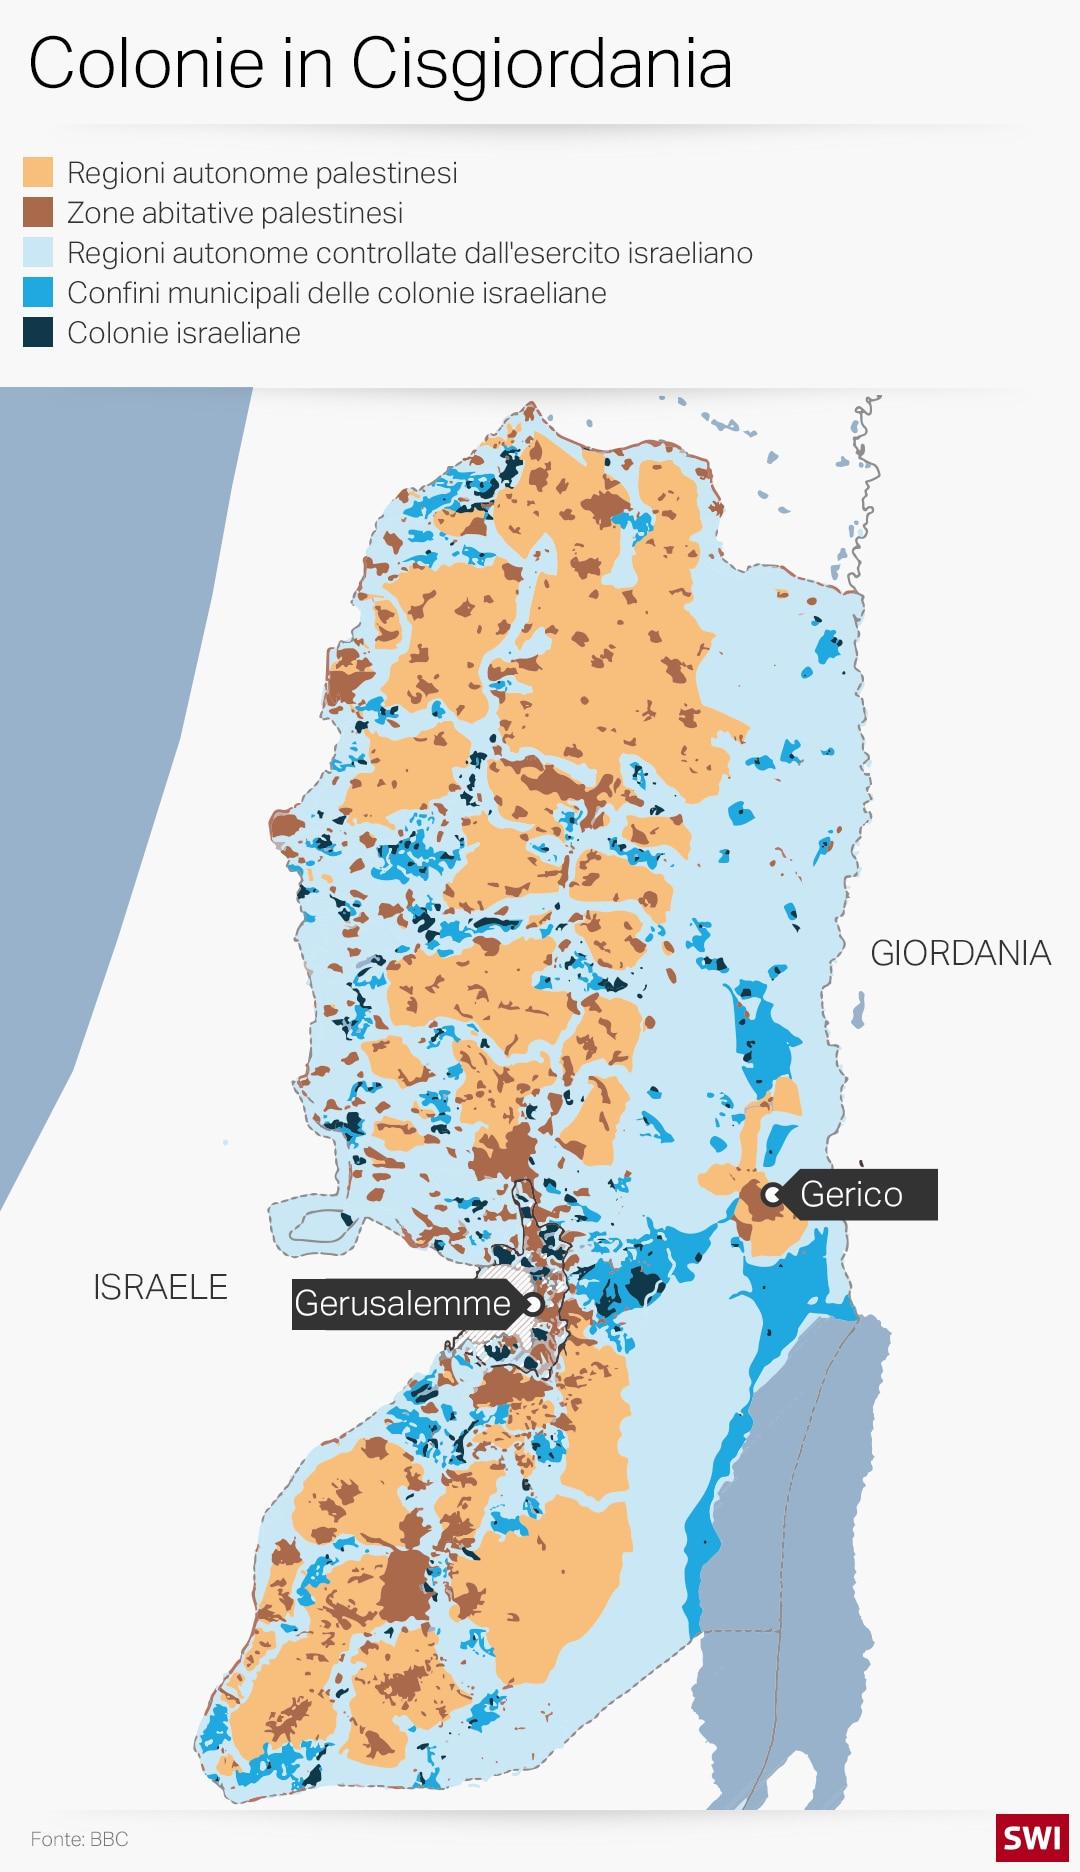 Cartina Geografica Della Palestina Di Oggi.Uno Stato Israelo Palestinese Alla Svizzera Swi Swissinfo Ch